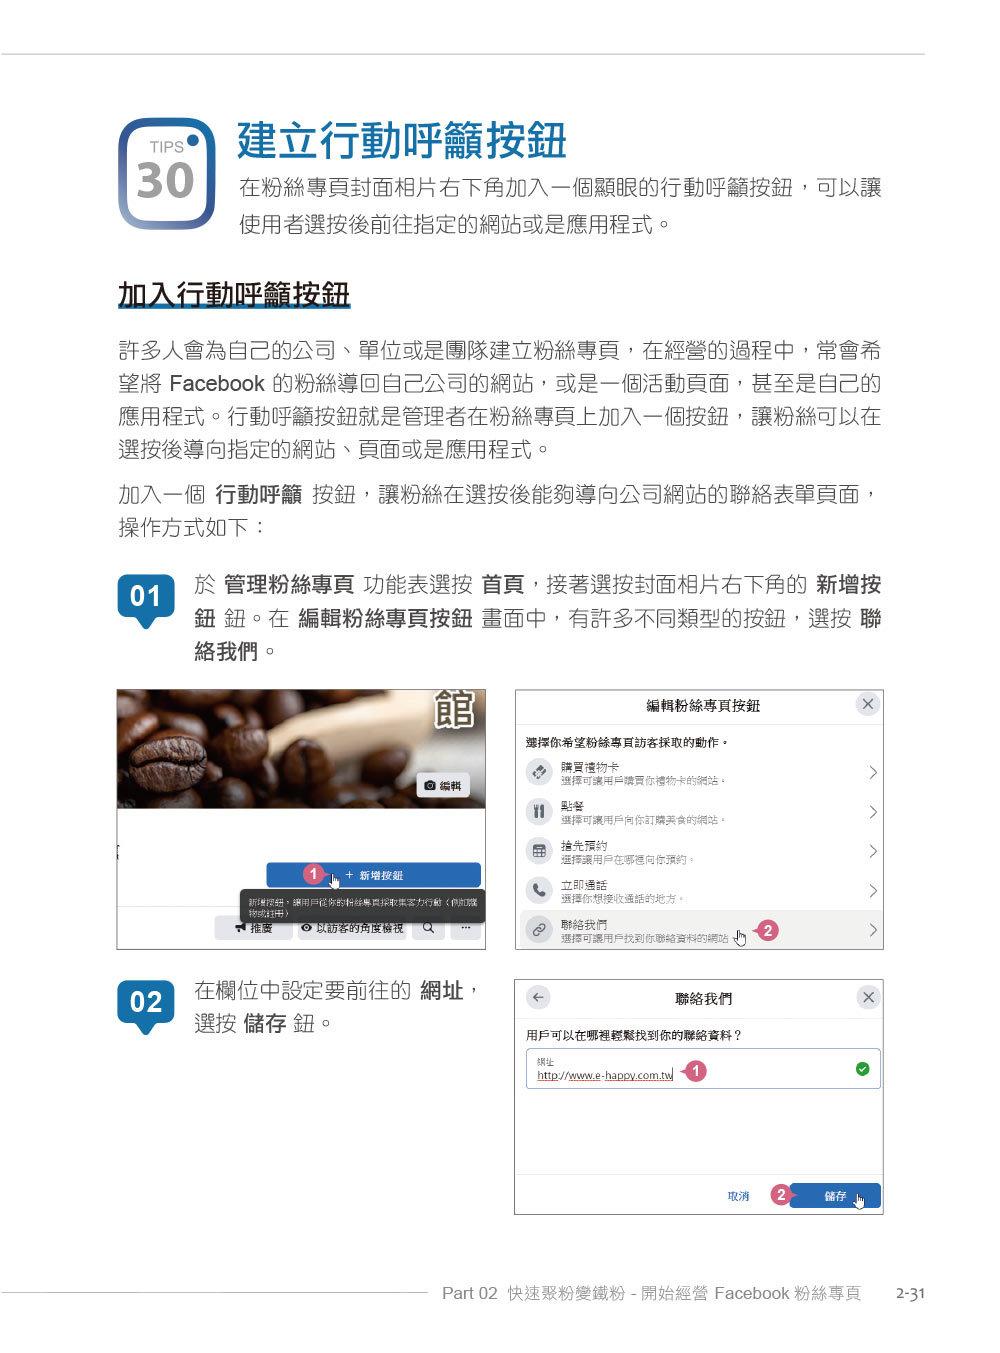 超人氣 FB + IG + LINE 社群經營與行銷力:用 225招快速聚粉,飆升流量變業績!-preview-3